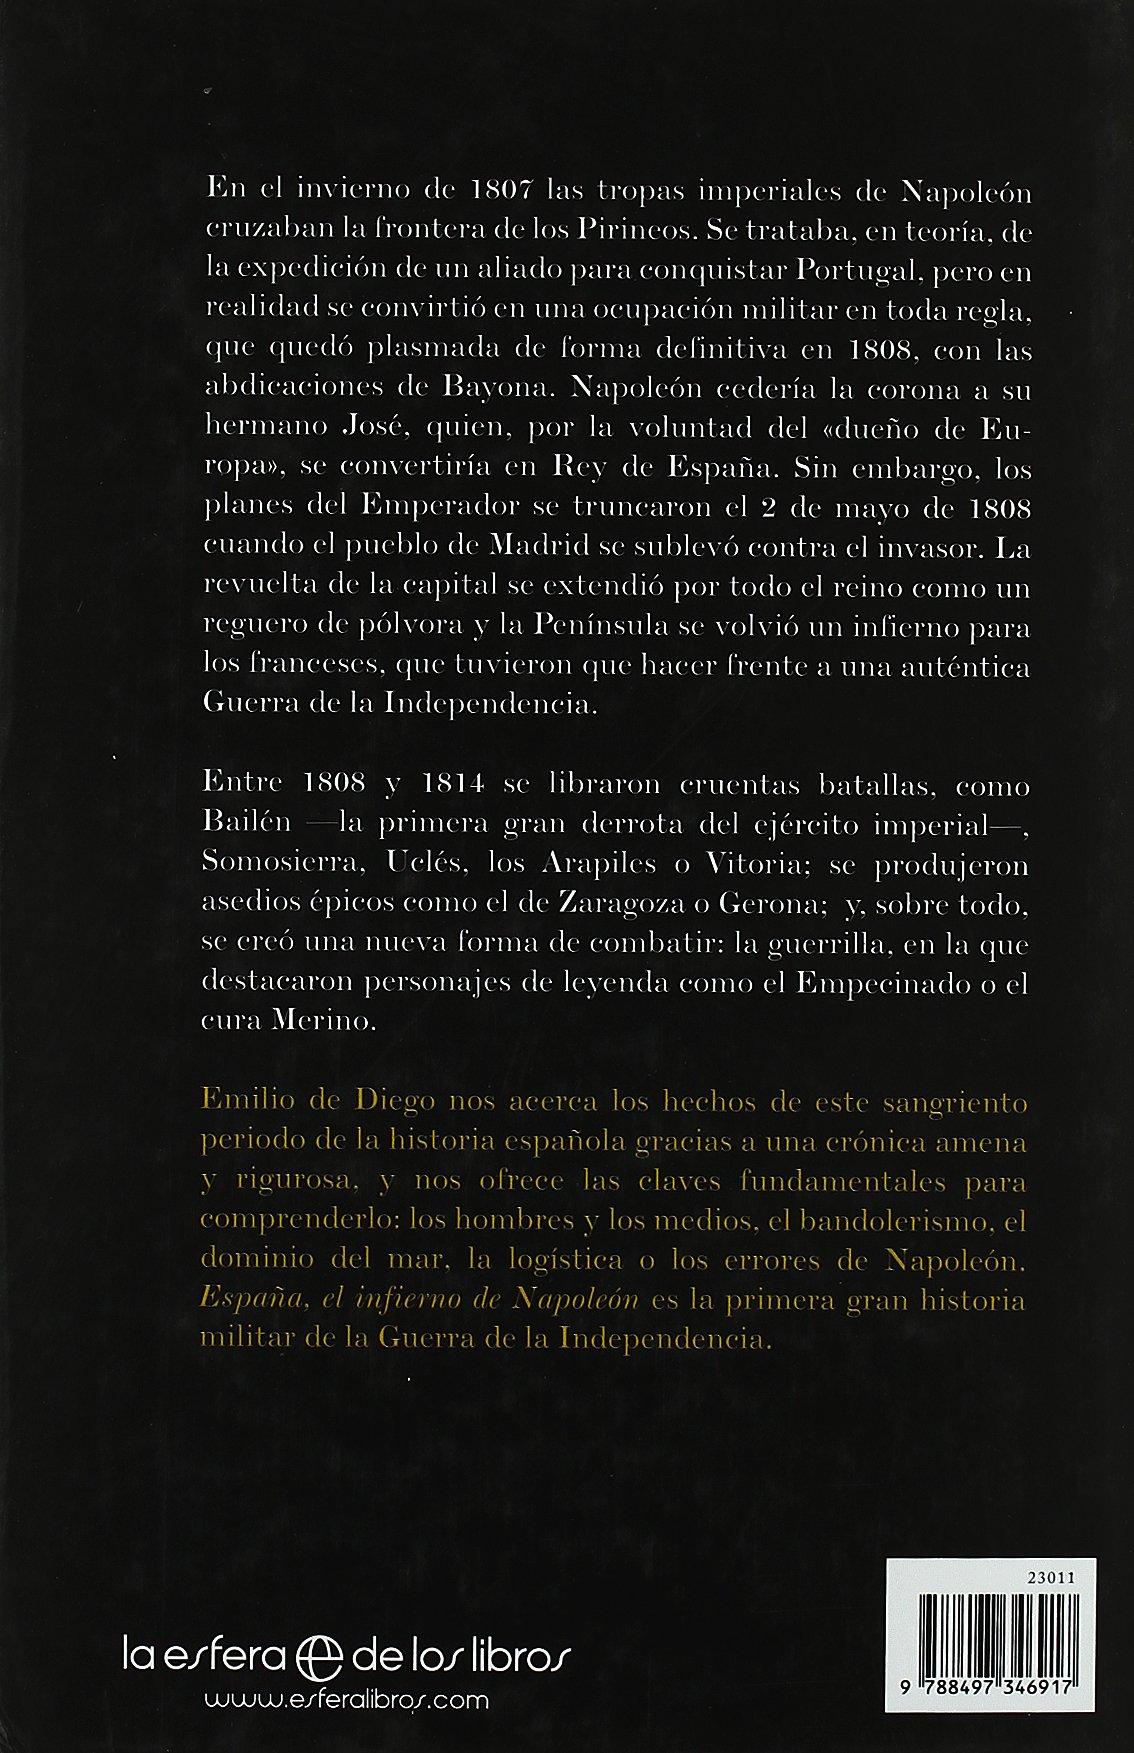 España - el infierno de napoleon: Amazon.es: Diego, Emilio De: Libros